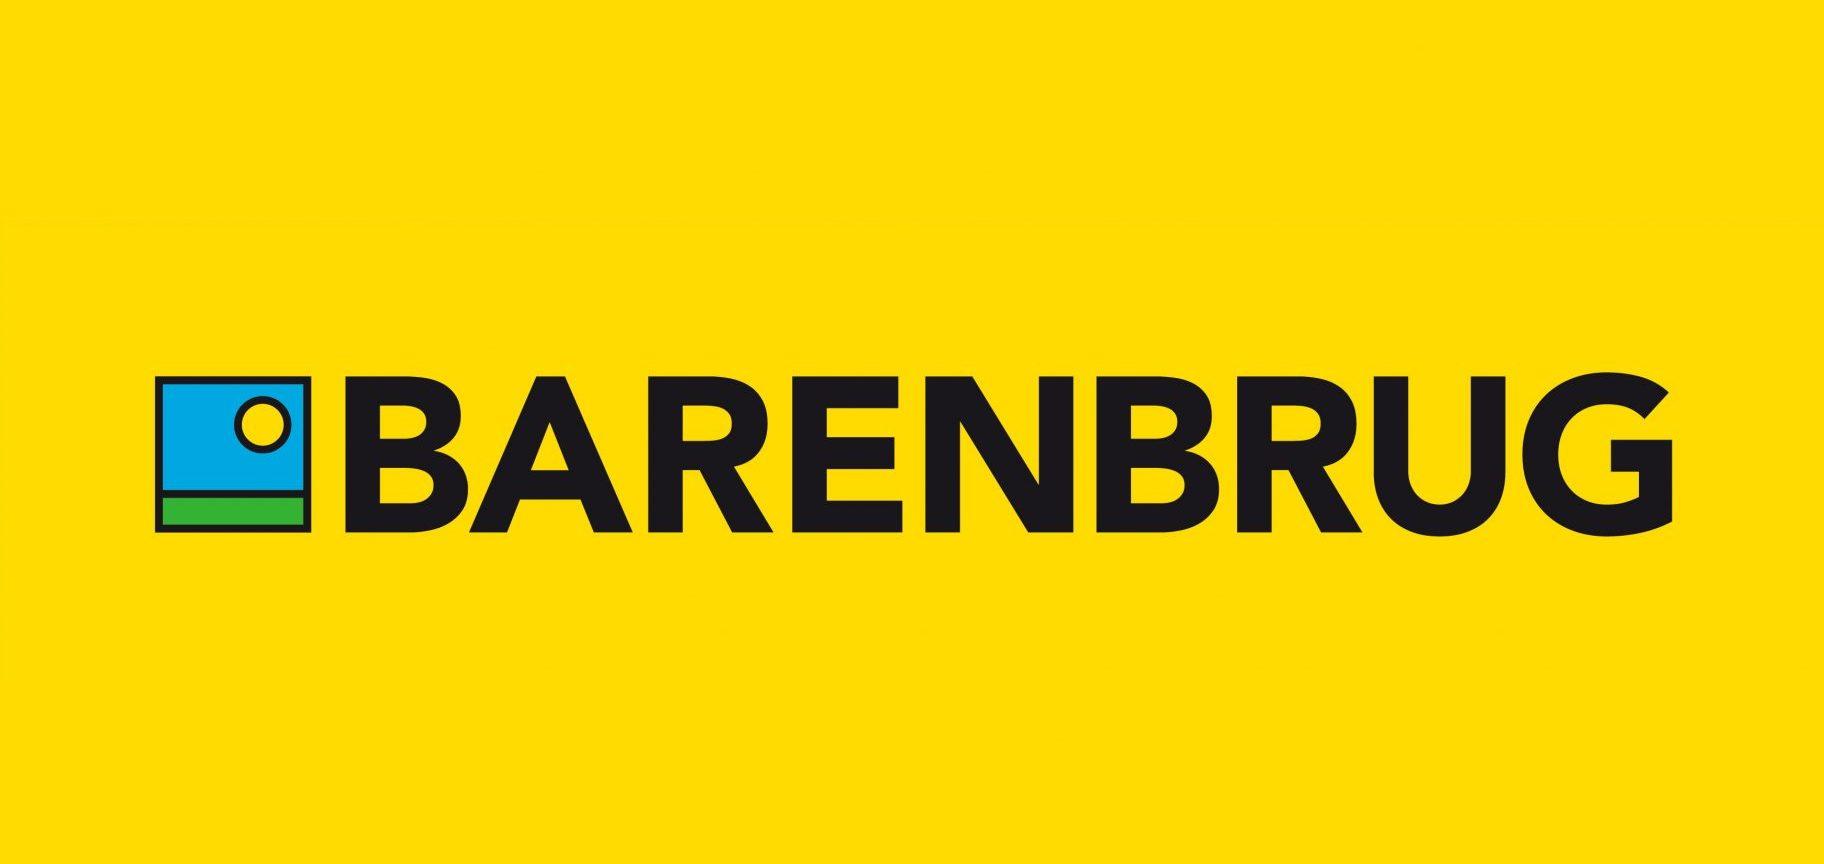 barenbrug ( büyük uzun)